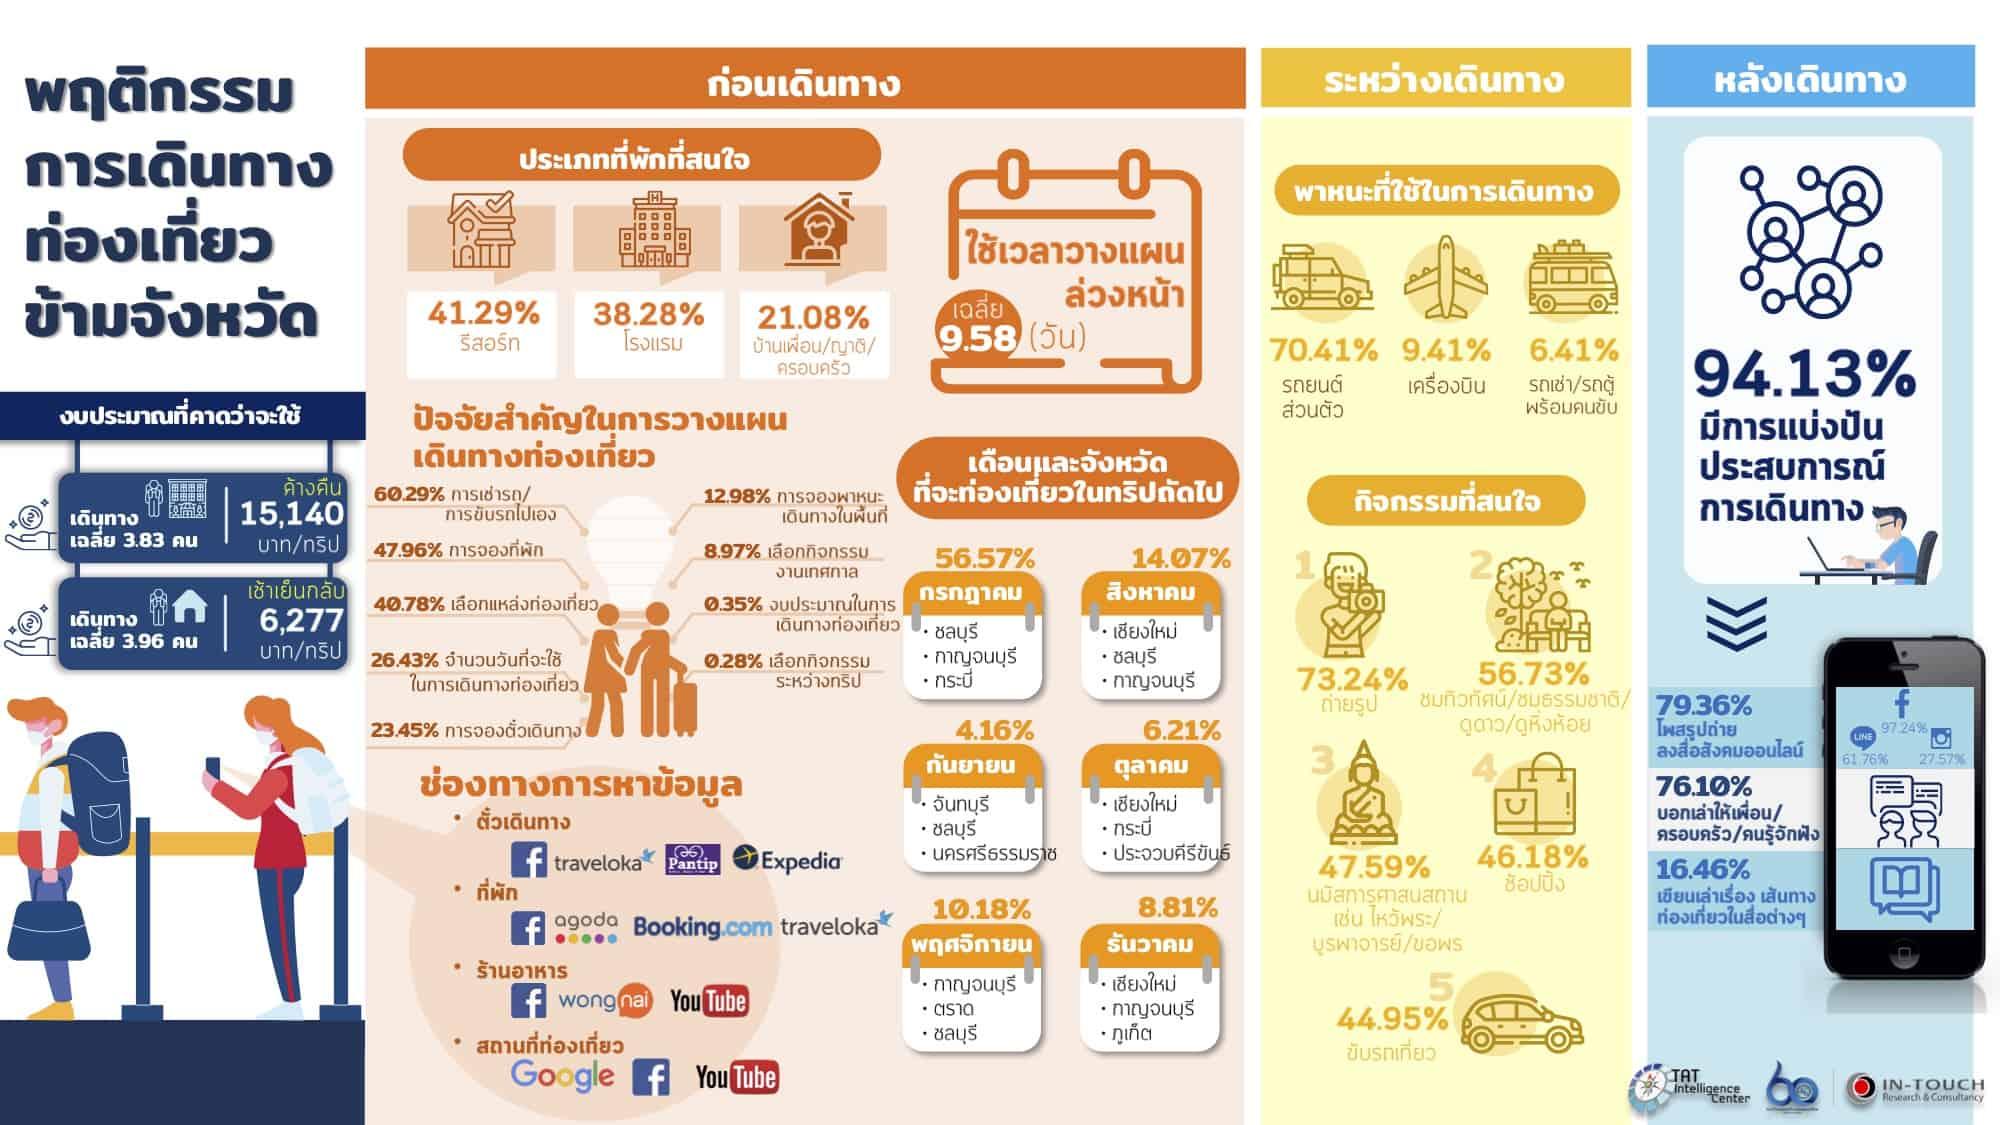 7 Insight พฤติกรรมการท่องเที่ยวภายในประเทศของคนไทย ช่วงโควิด19